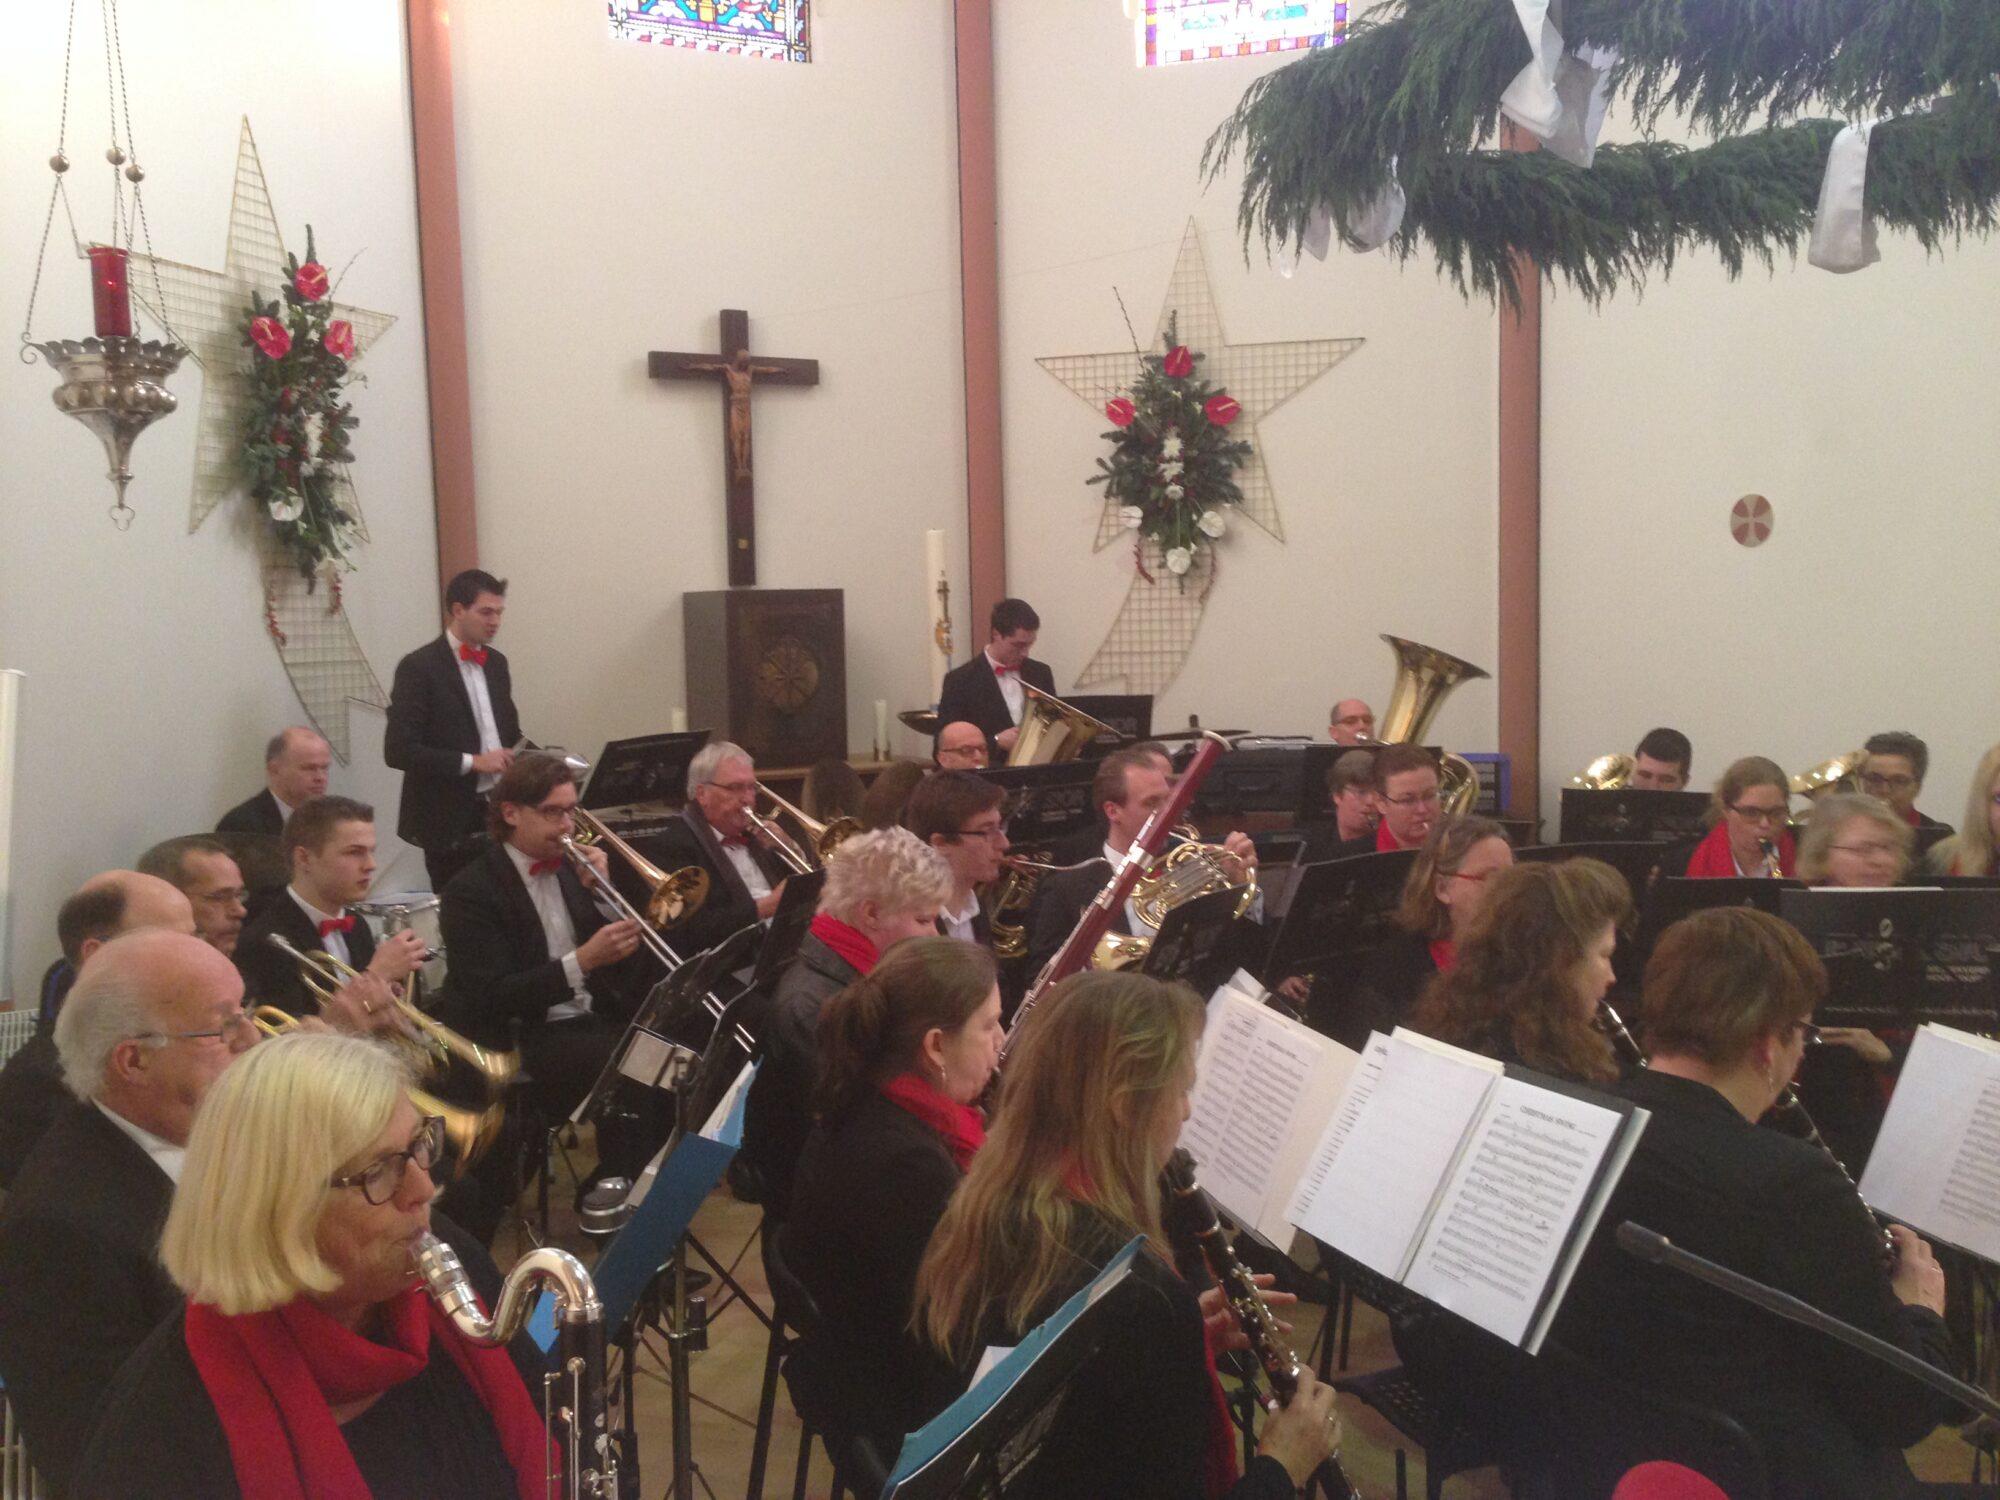 Muziekgezelschap Excelior op Tweede Kerstdag in onze kerk